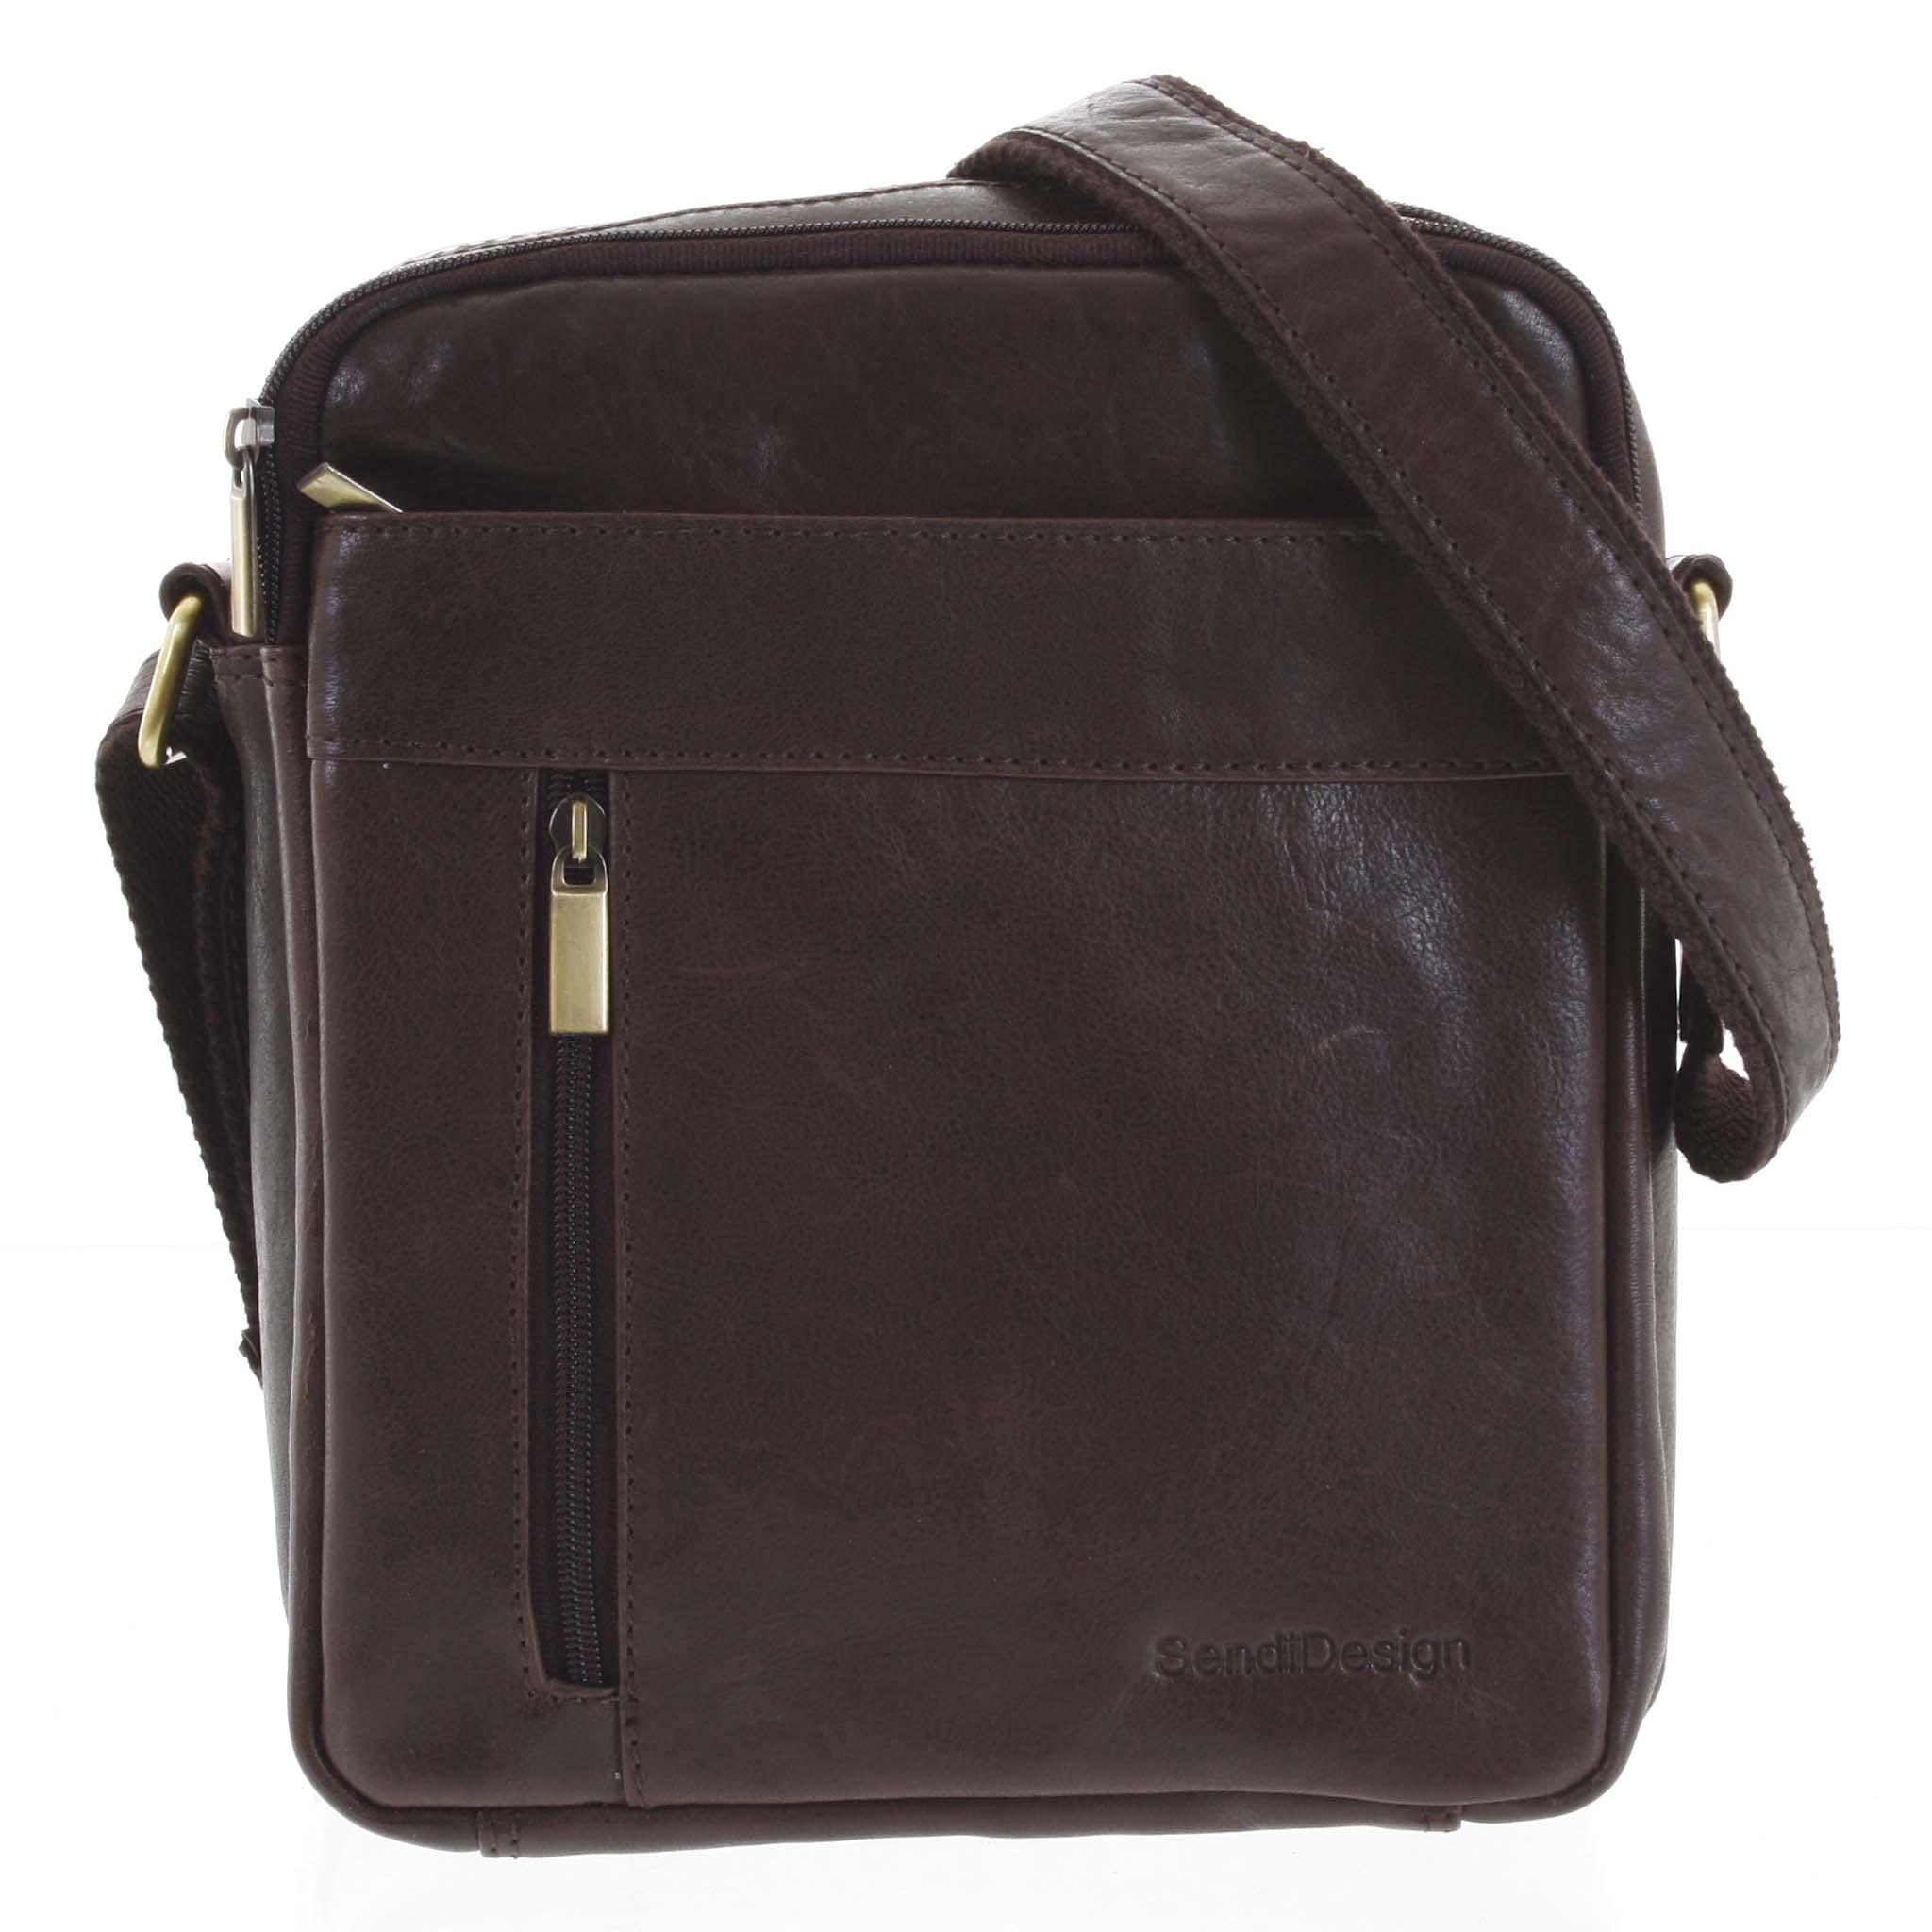 Pánská kožená taška přes rameno tmavě hnědá - SendiDesign Lennon